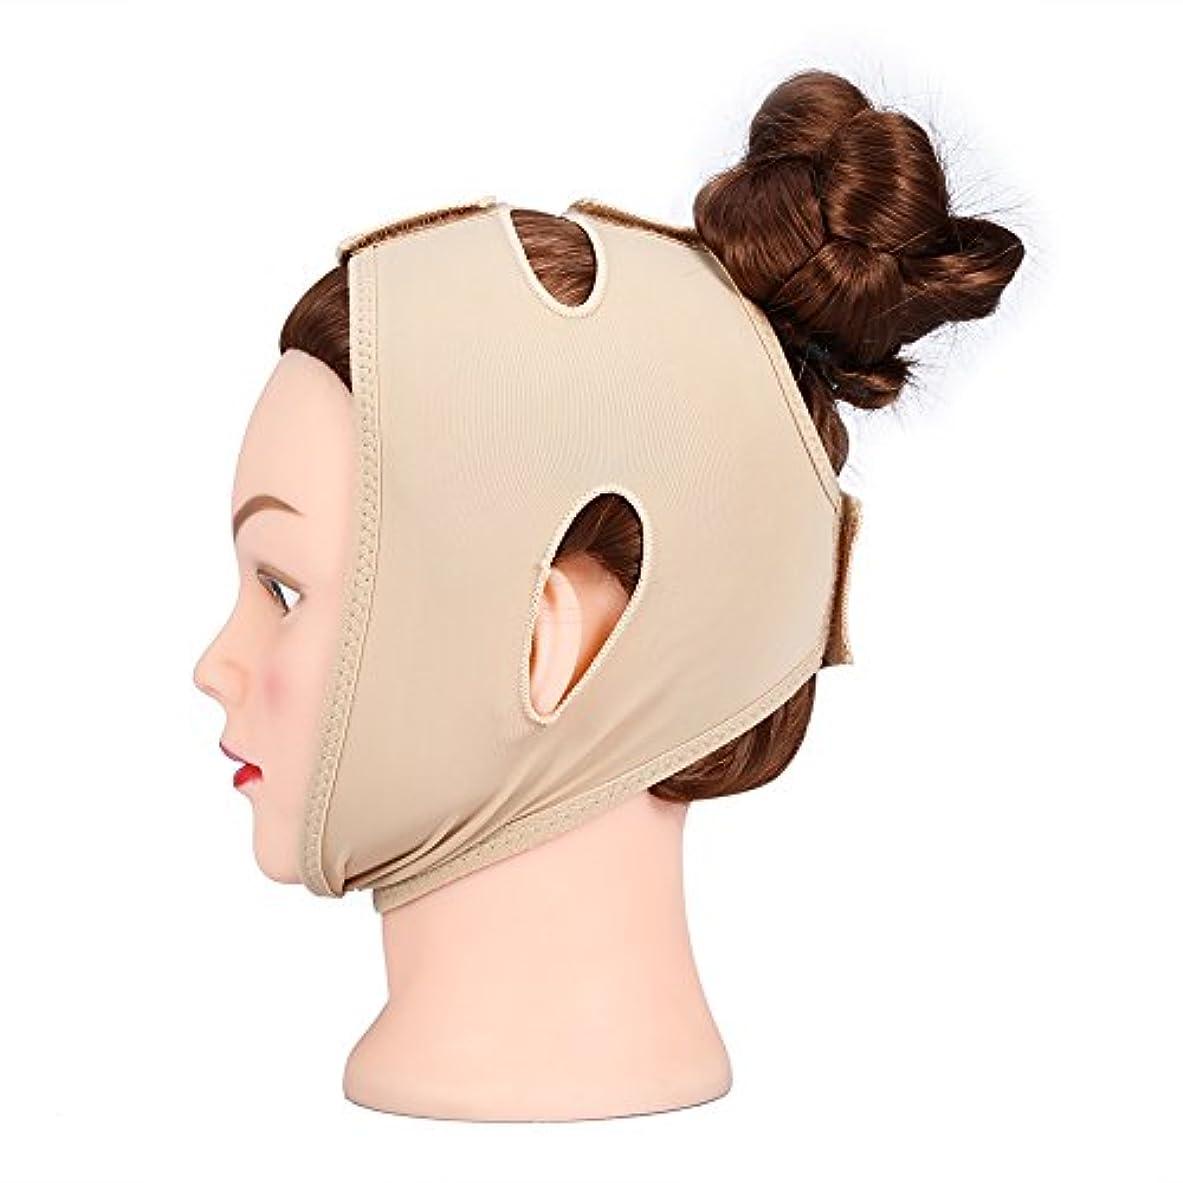 言及する必要条件確かめる痩身フェイスバンド、痩身フェイスマスク、フェイスリフトマスク、睡眠首マスク、二重あご包帯を減らす(M)